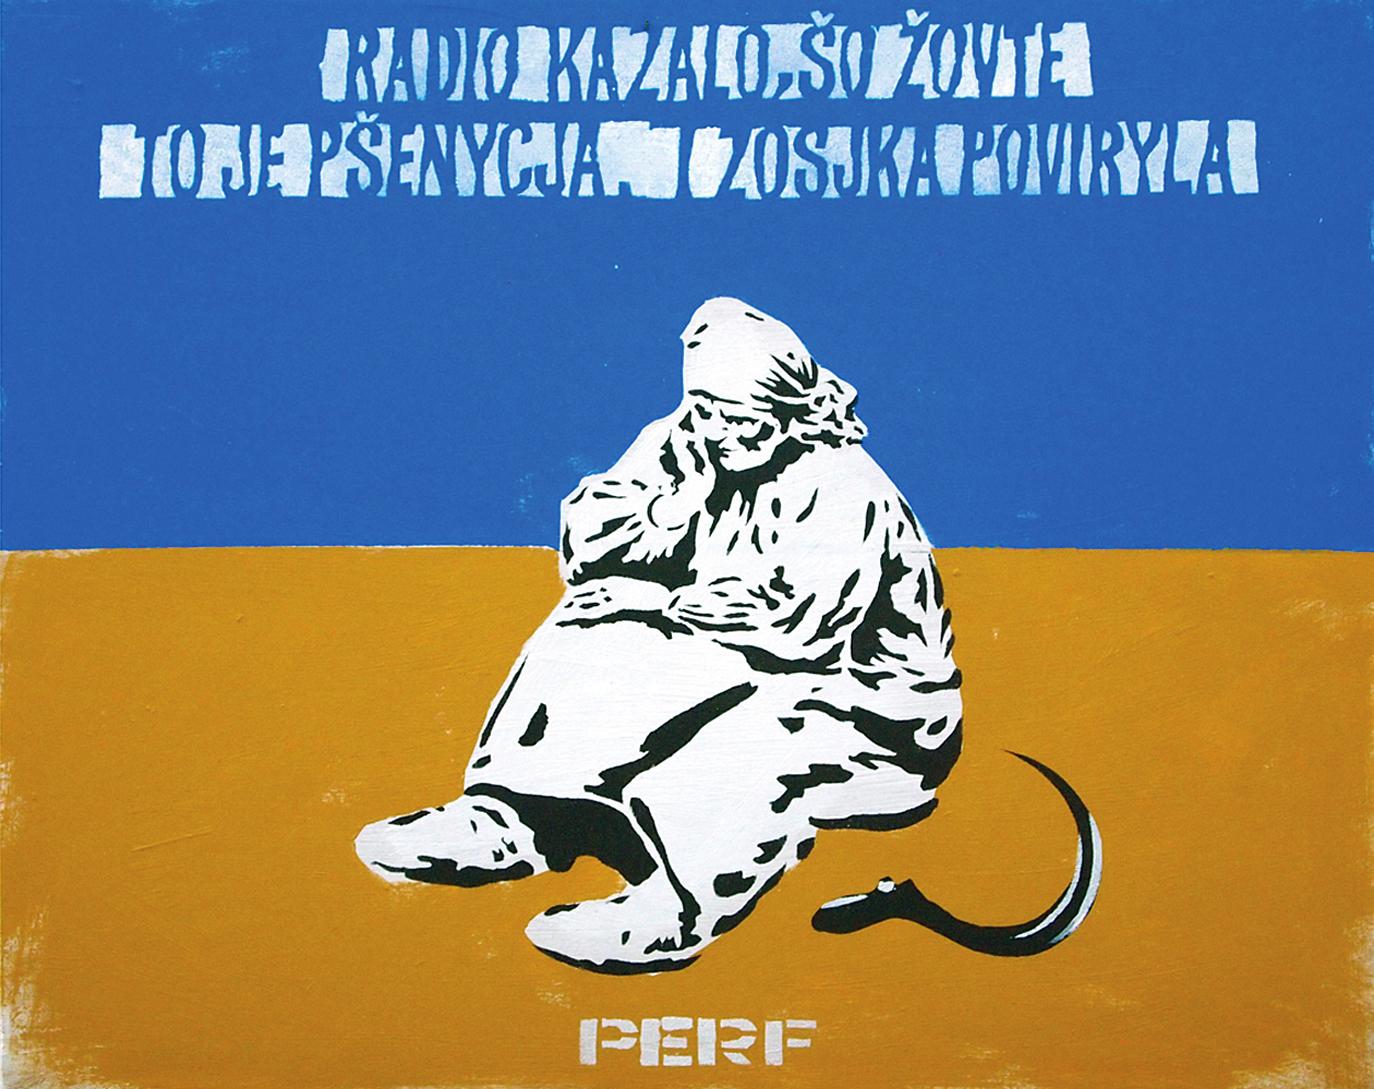 Станіслав Перфецький. Радіо казало, 2014; ДВП, трафарет, олія